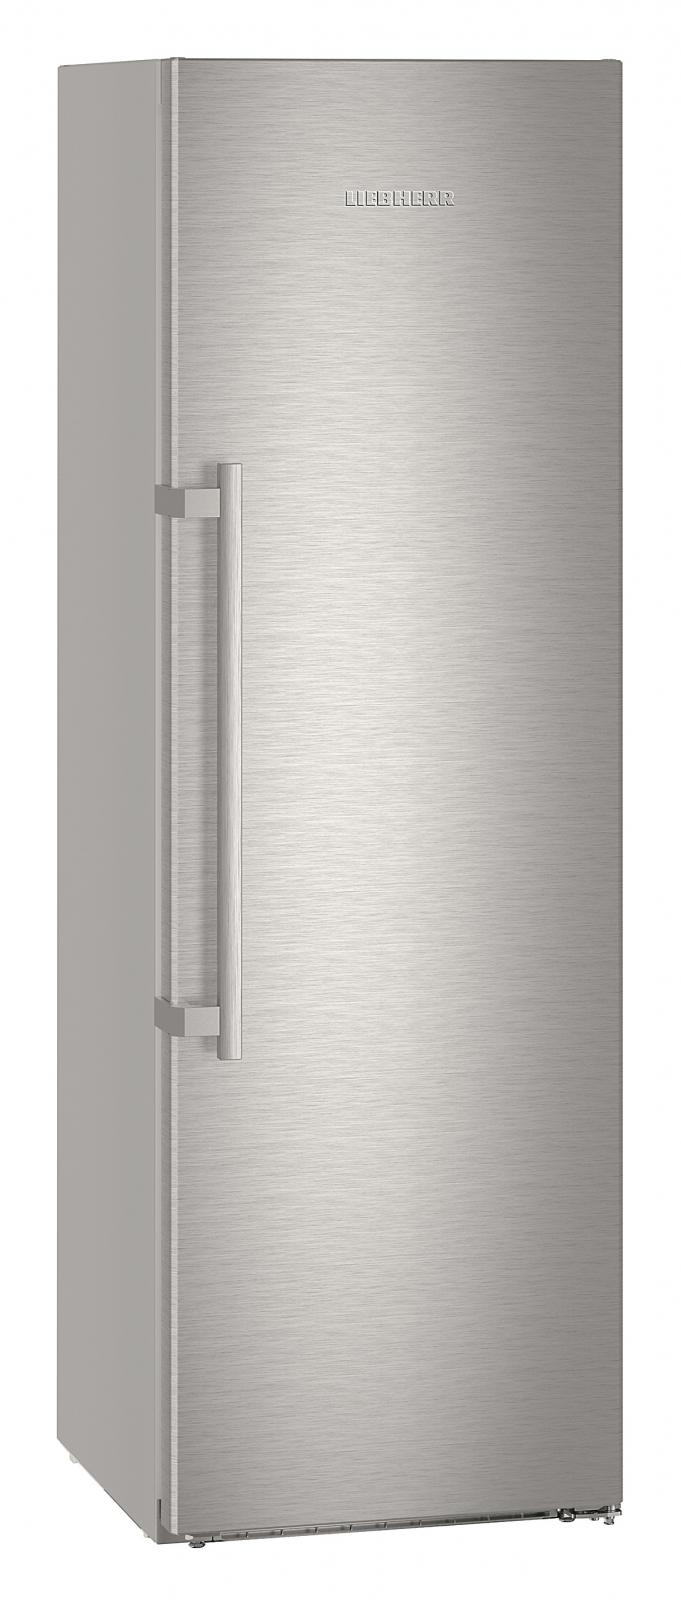 купить Однокамерный холодильник Liebherr Kef 4310 Украина фото 1